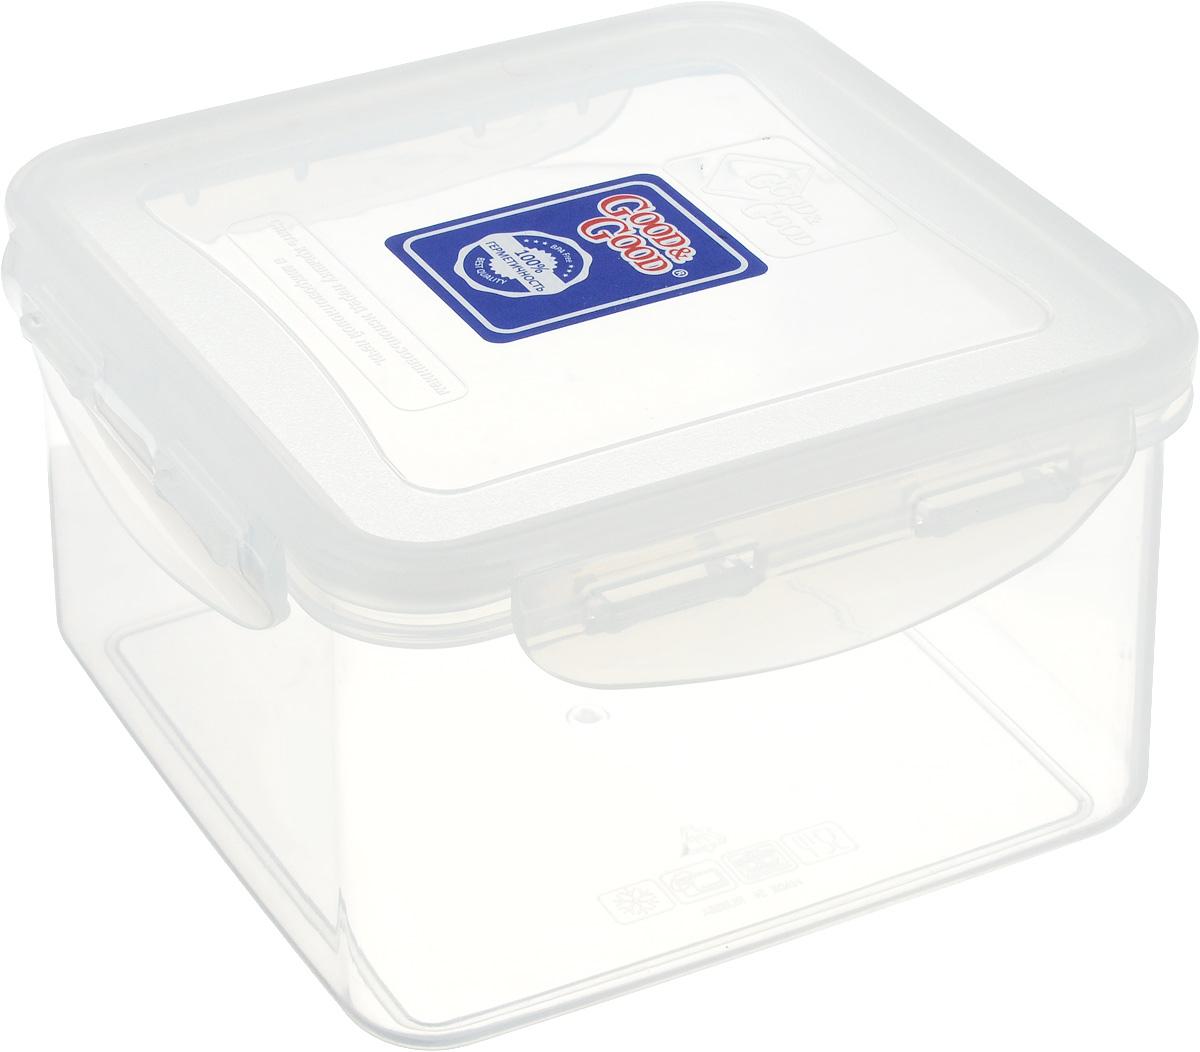 Контейнер Good&Good, цвет: прозрачный, 1,25 лS2-2_прозрачныйКвадратный контейнер Good&Good изготовлен из высококачественного полипропилена и предназначен для хранения пищевых продуктов. Не содержит BPA и абсолютно безвреден для здоровья. Благодаря особым технологиям изготовления, изделие в течение всего времени службы не меняет цвет и не пропитывается запахами. Крышка с силиконовой вставкой герметично защелкивается. Контейнер Good&Good удобен для ежедневного использования в быту.Можно мыть в посудомоечной машине, использовать в СВЧ при температуре не выше 100°С, пригоден для хранения в морозильной камере при температуре не ниже 20°С.